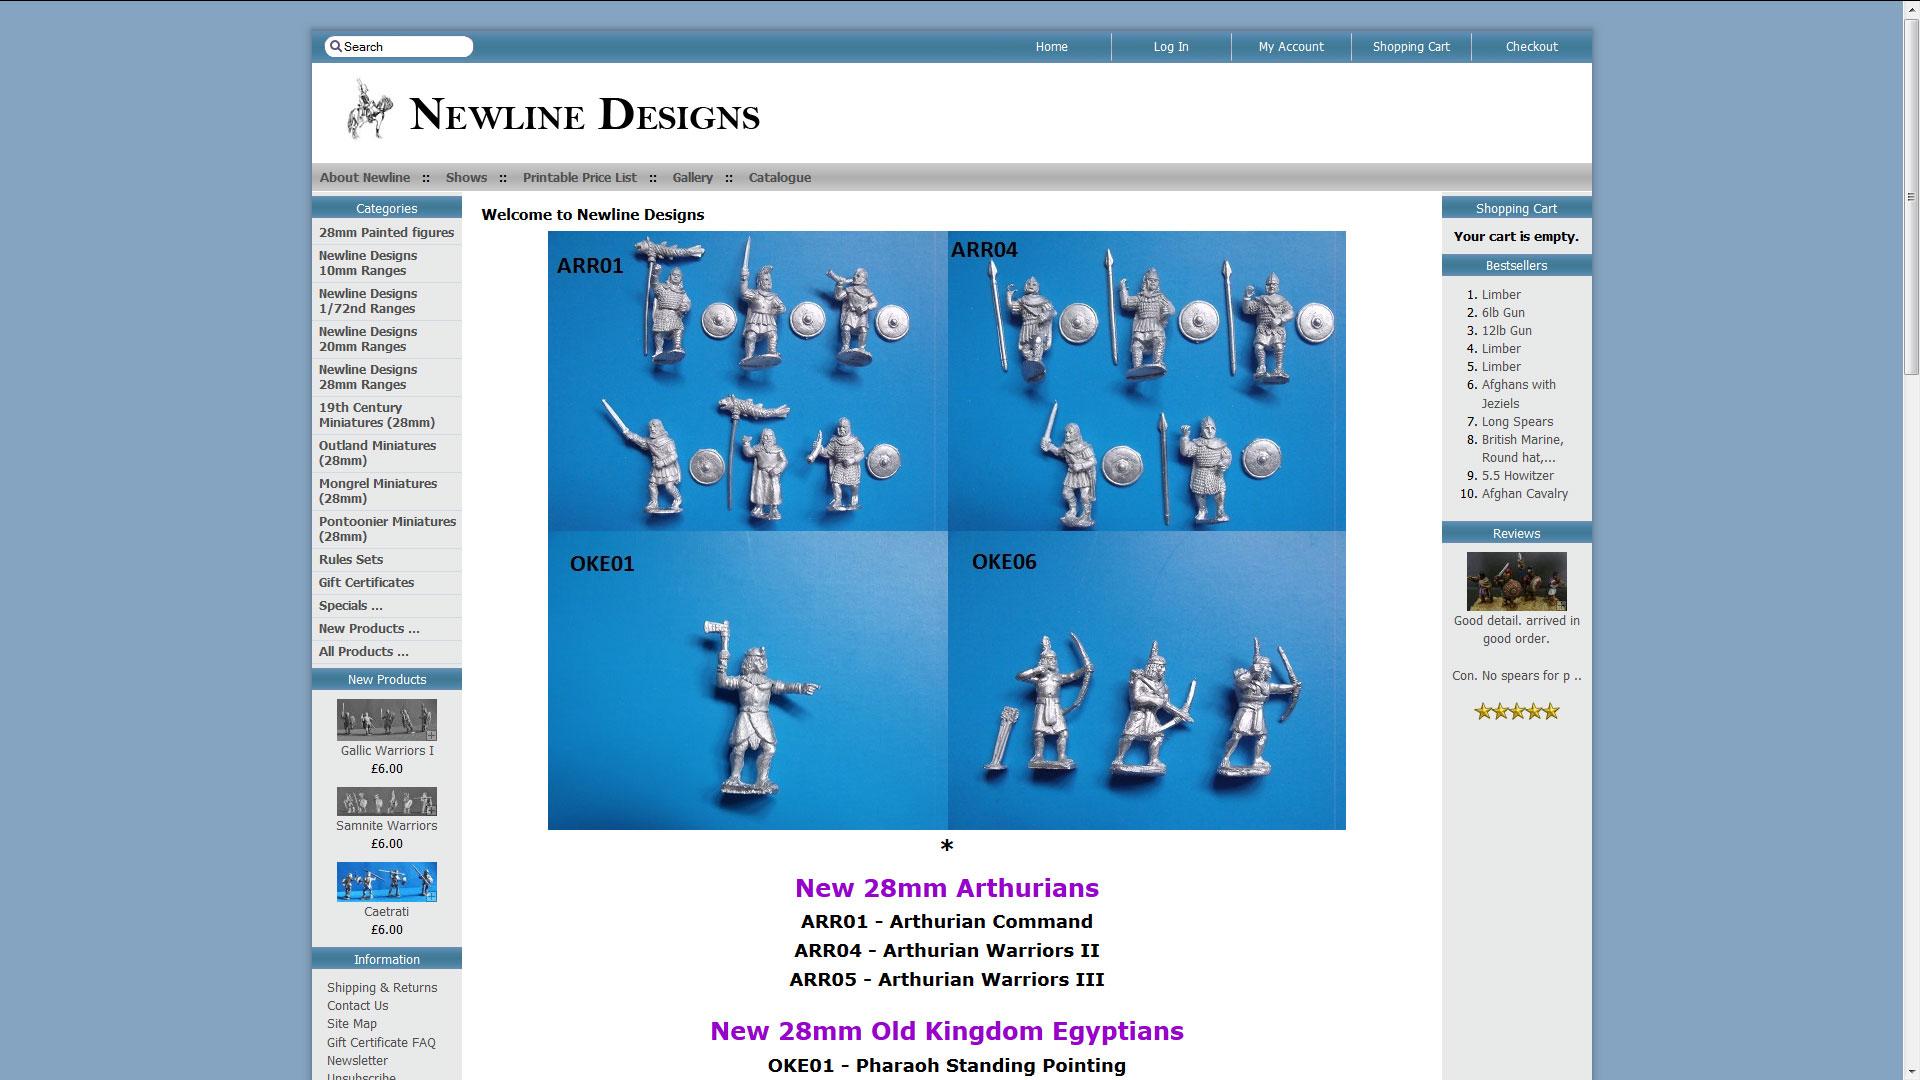 Newline Designs